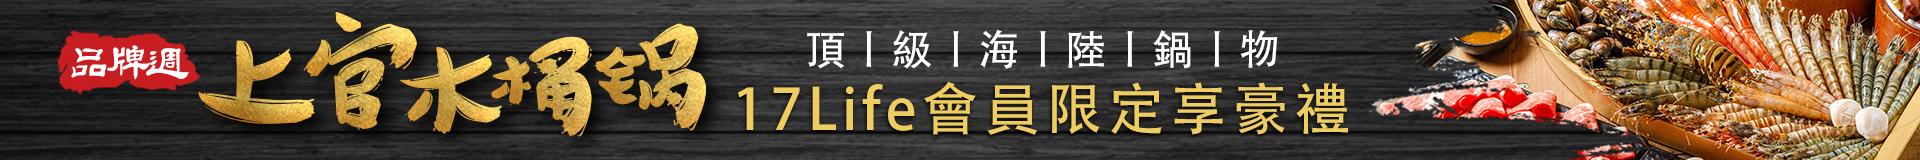 品牌週-上官木桶鍋